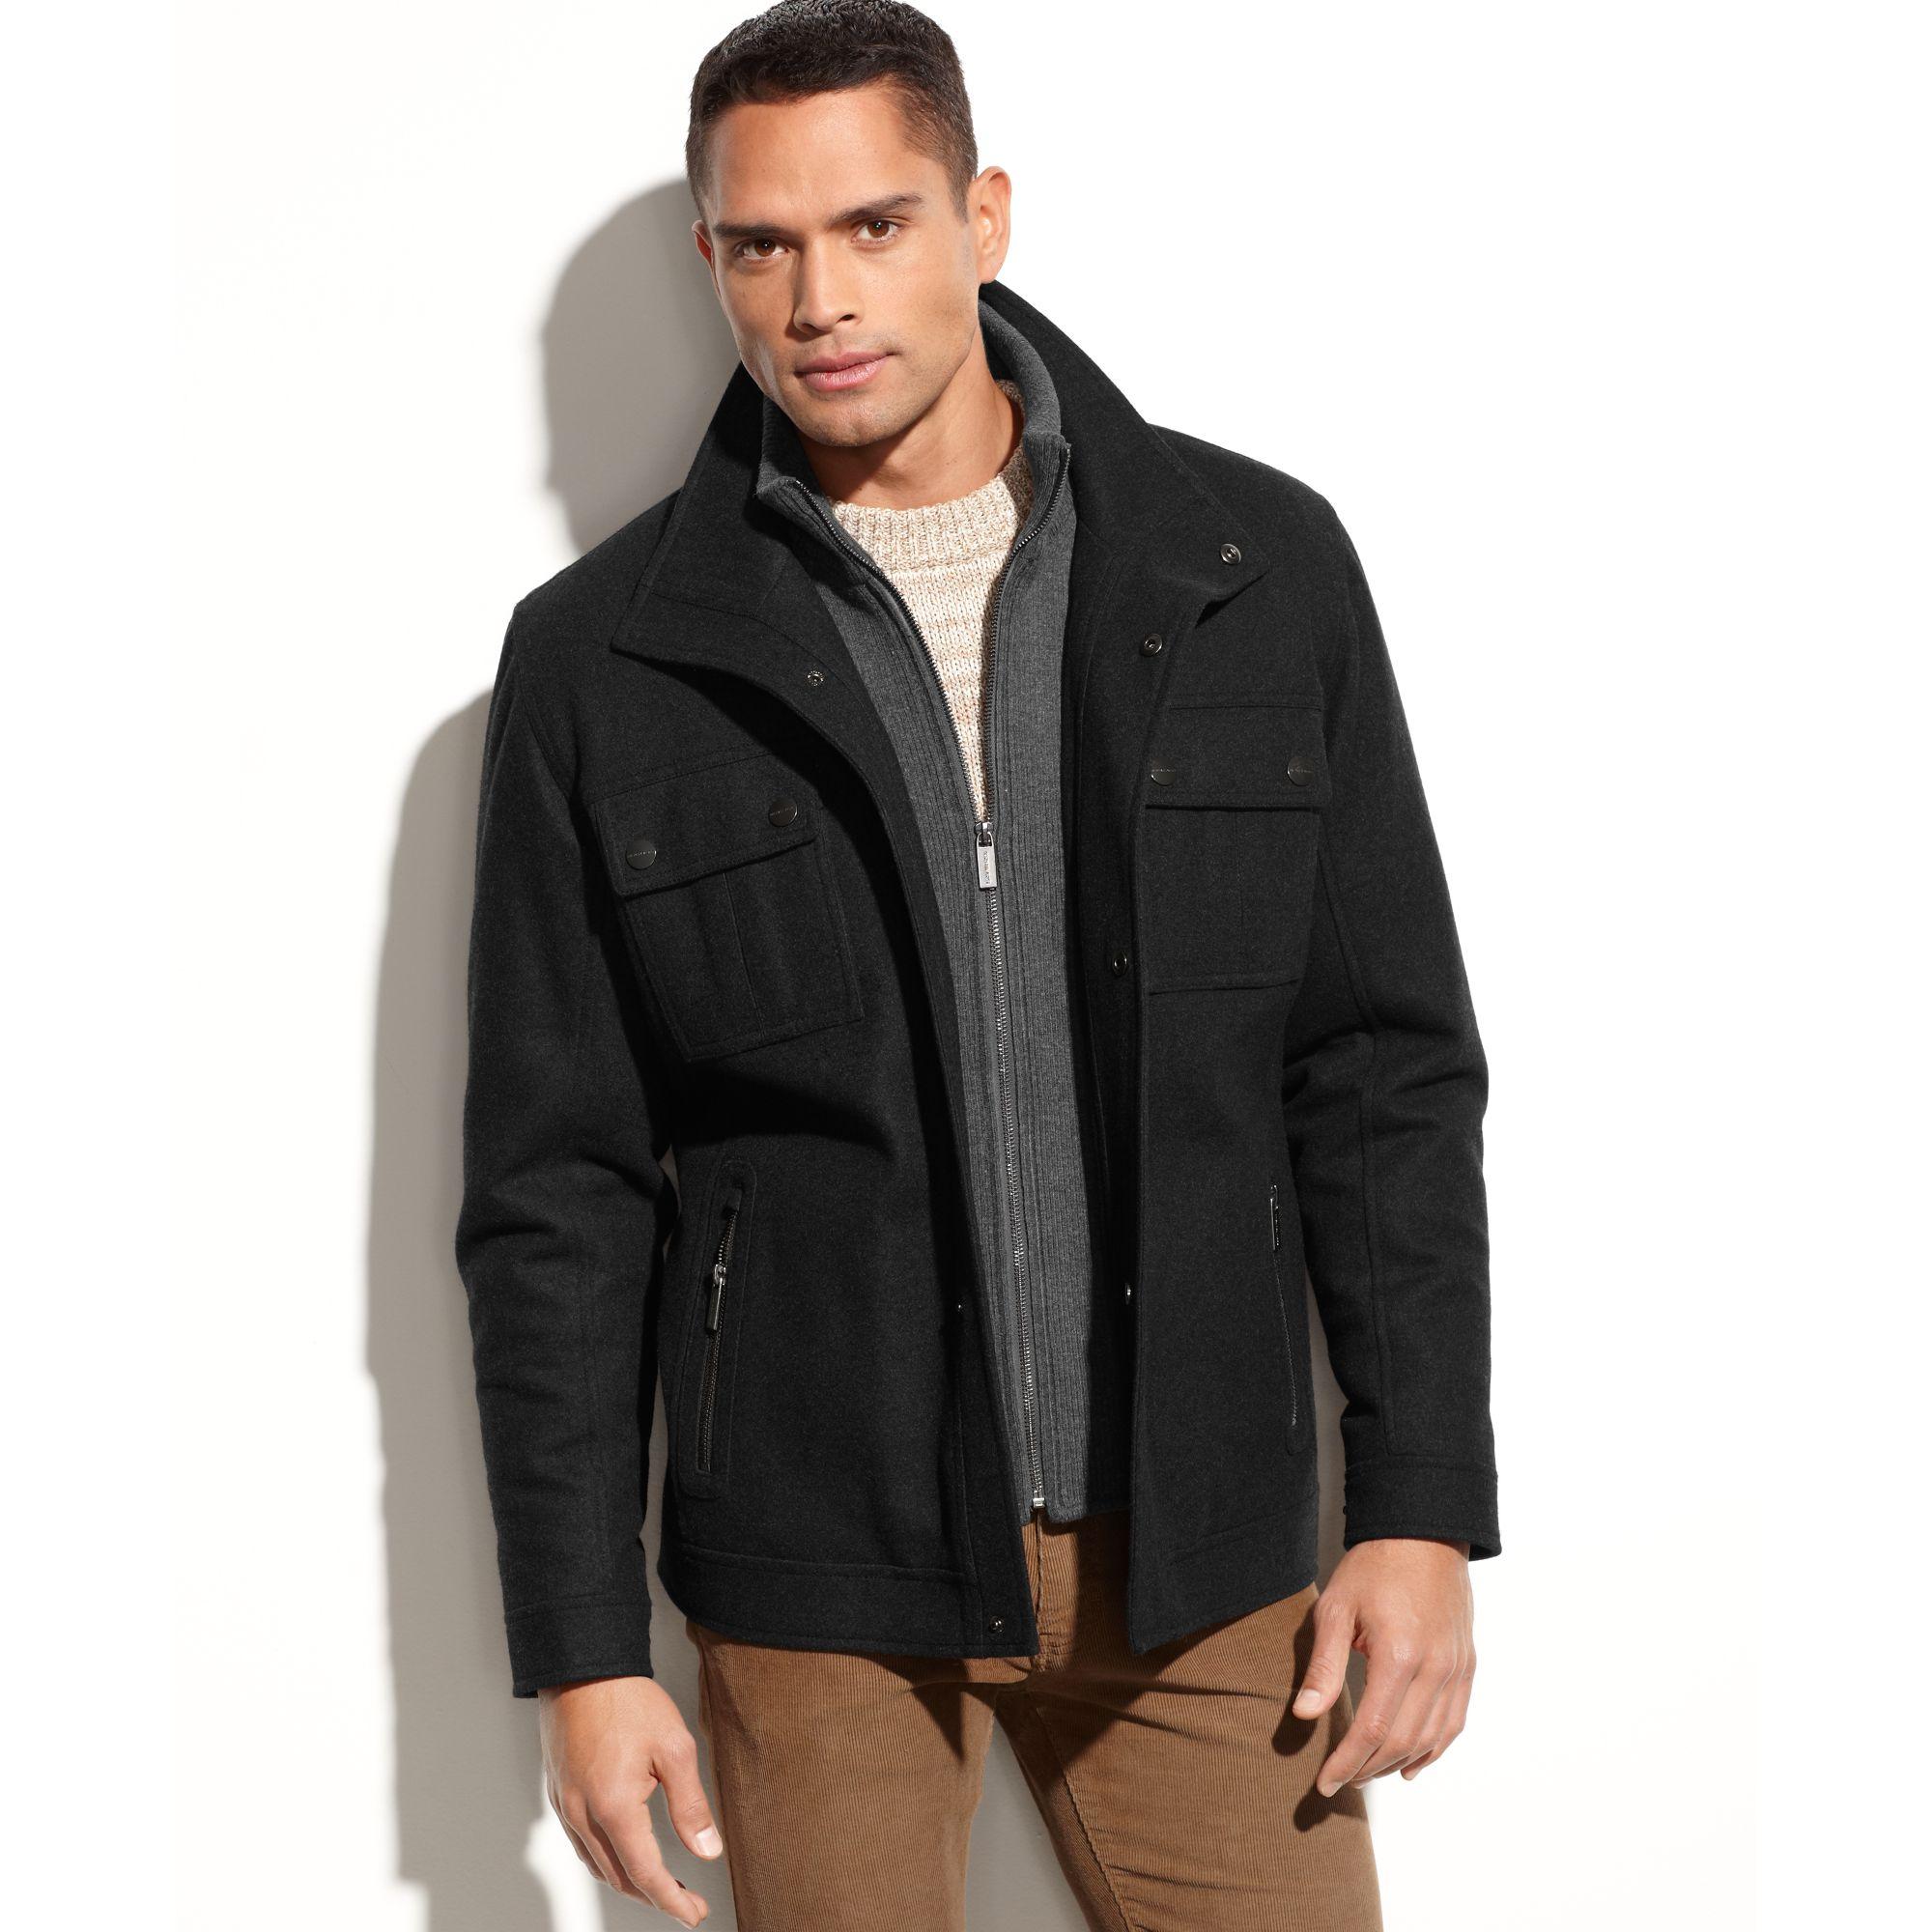 michael kors alhambra wool blend knit bib coat in black for men lyst. Black Bedroom Furniture Sets. Home Design Ideas